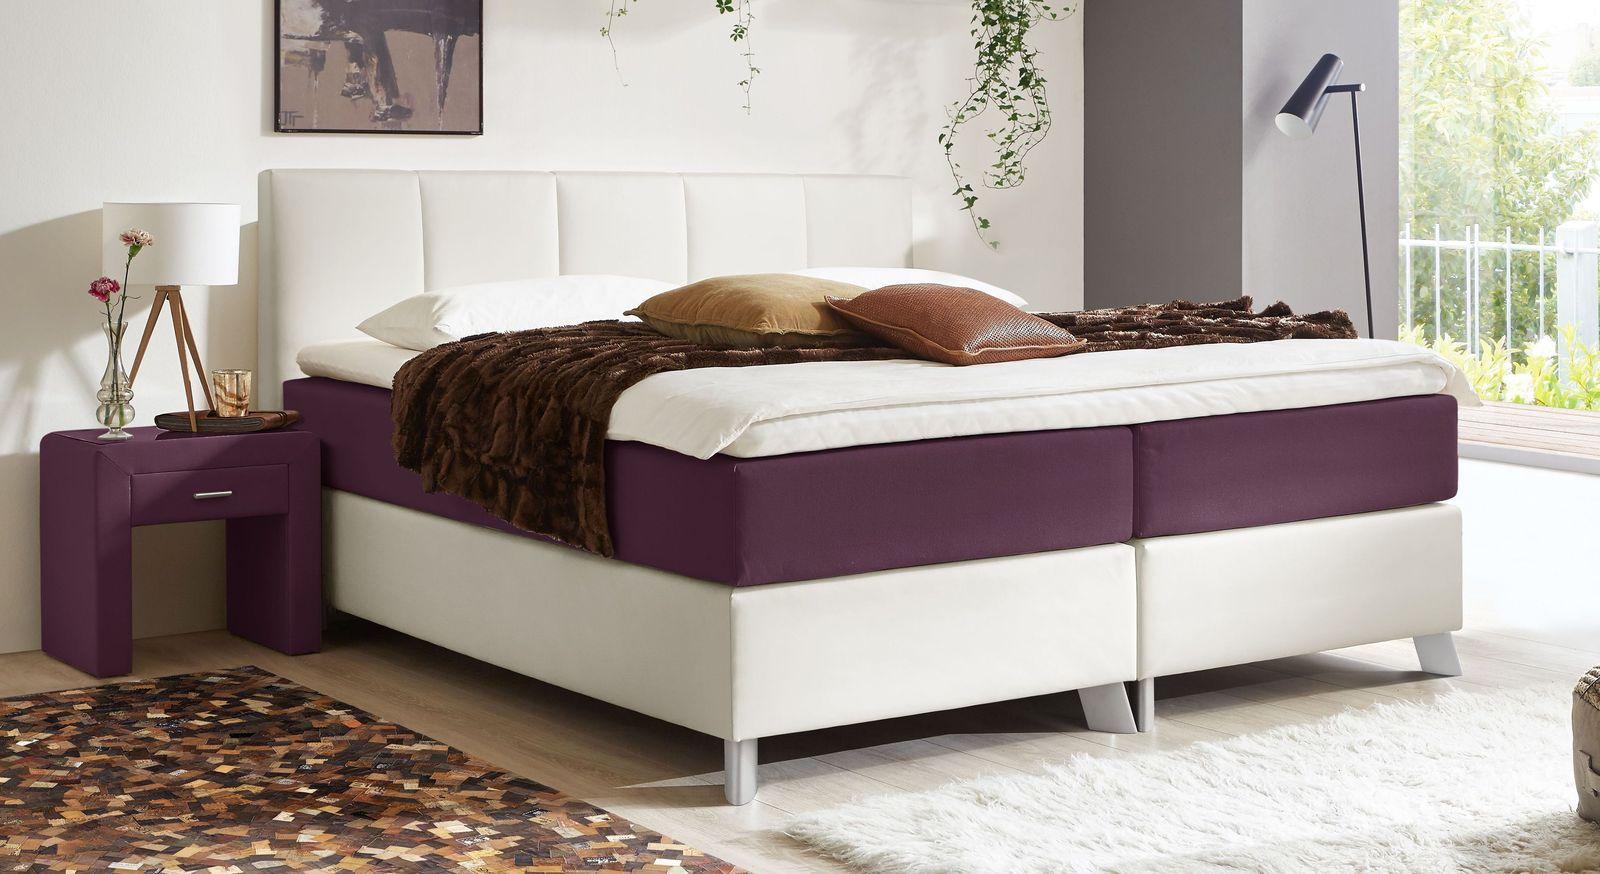 66 cm hohes Boxspringbett Oceanside aus weißem Kunstleder und beerefarbenem Webstoff